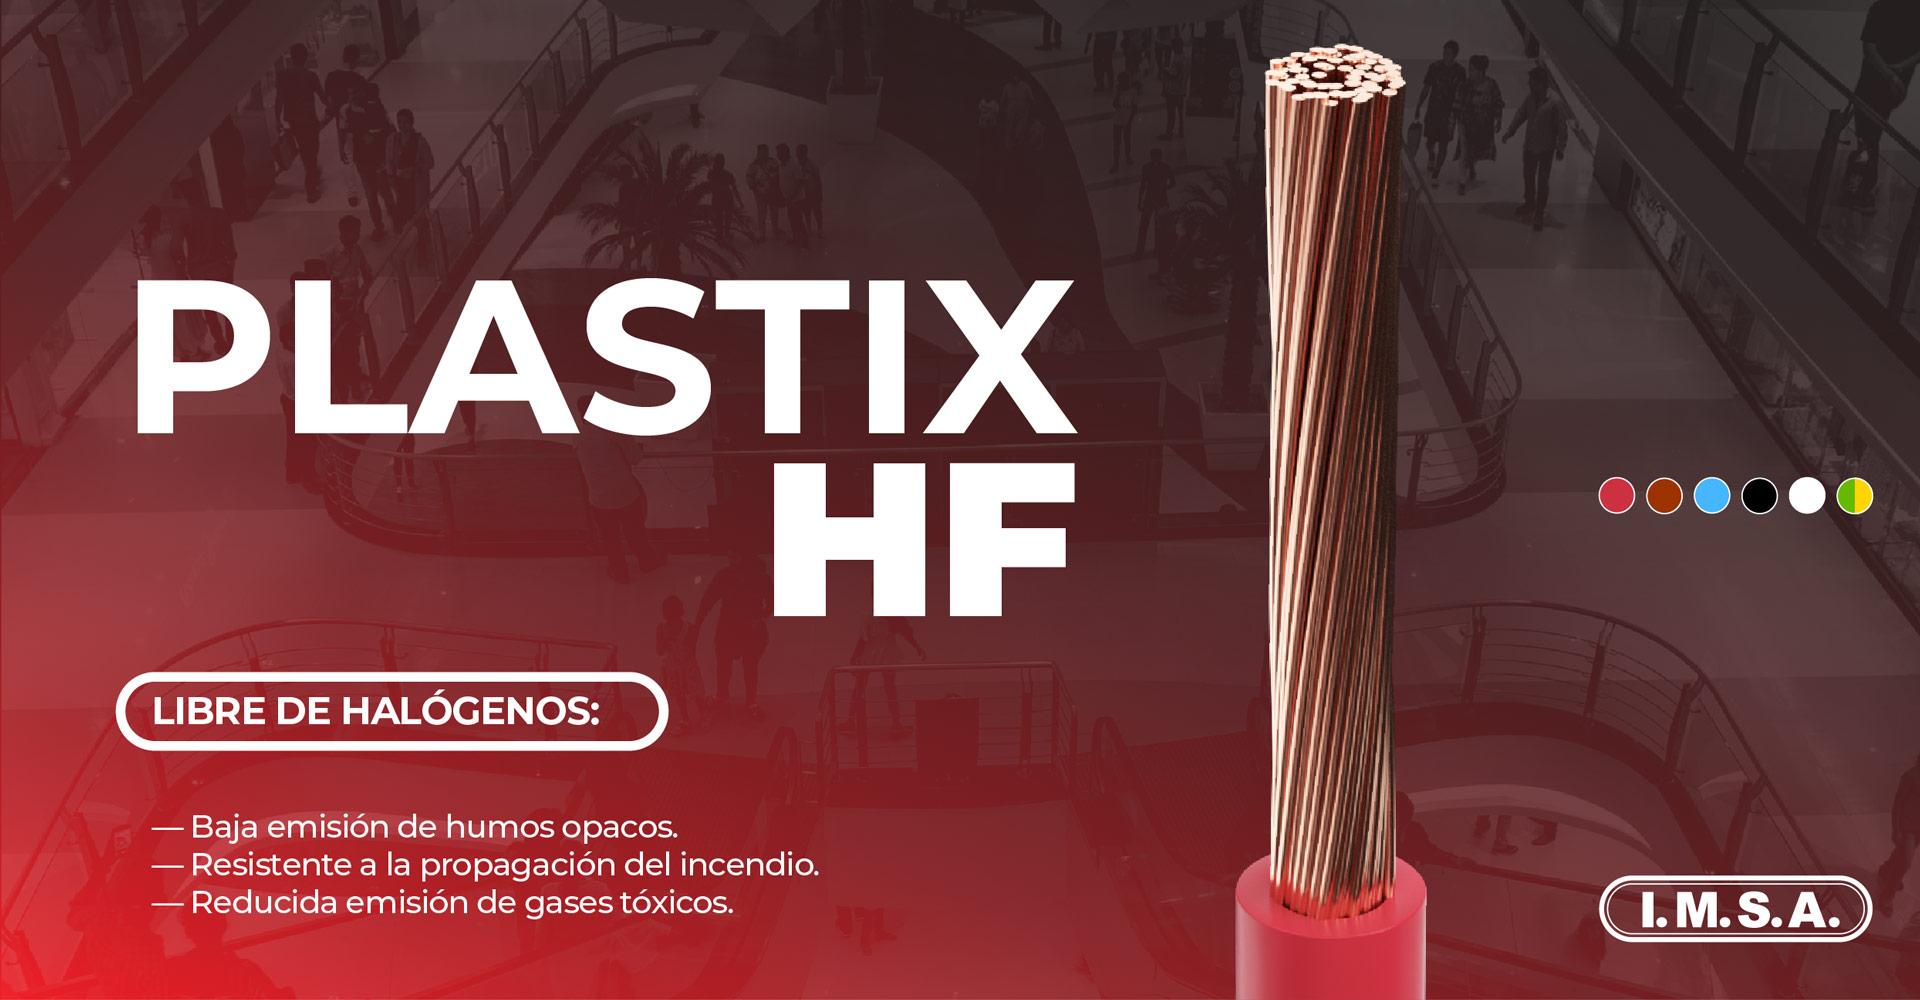 Plastix HF